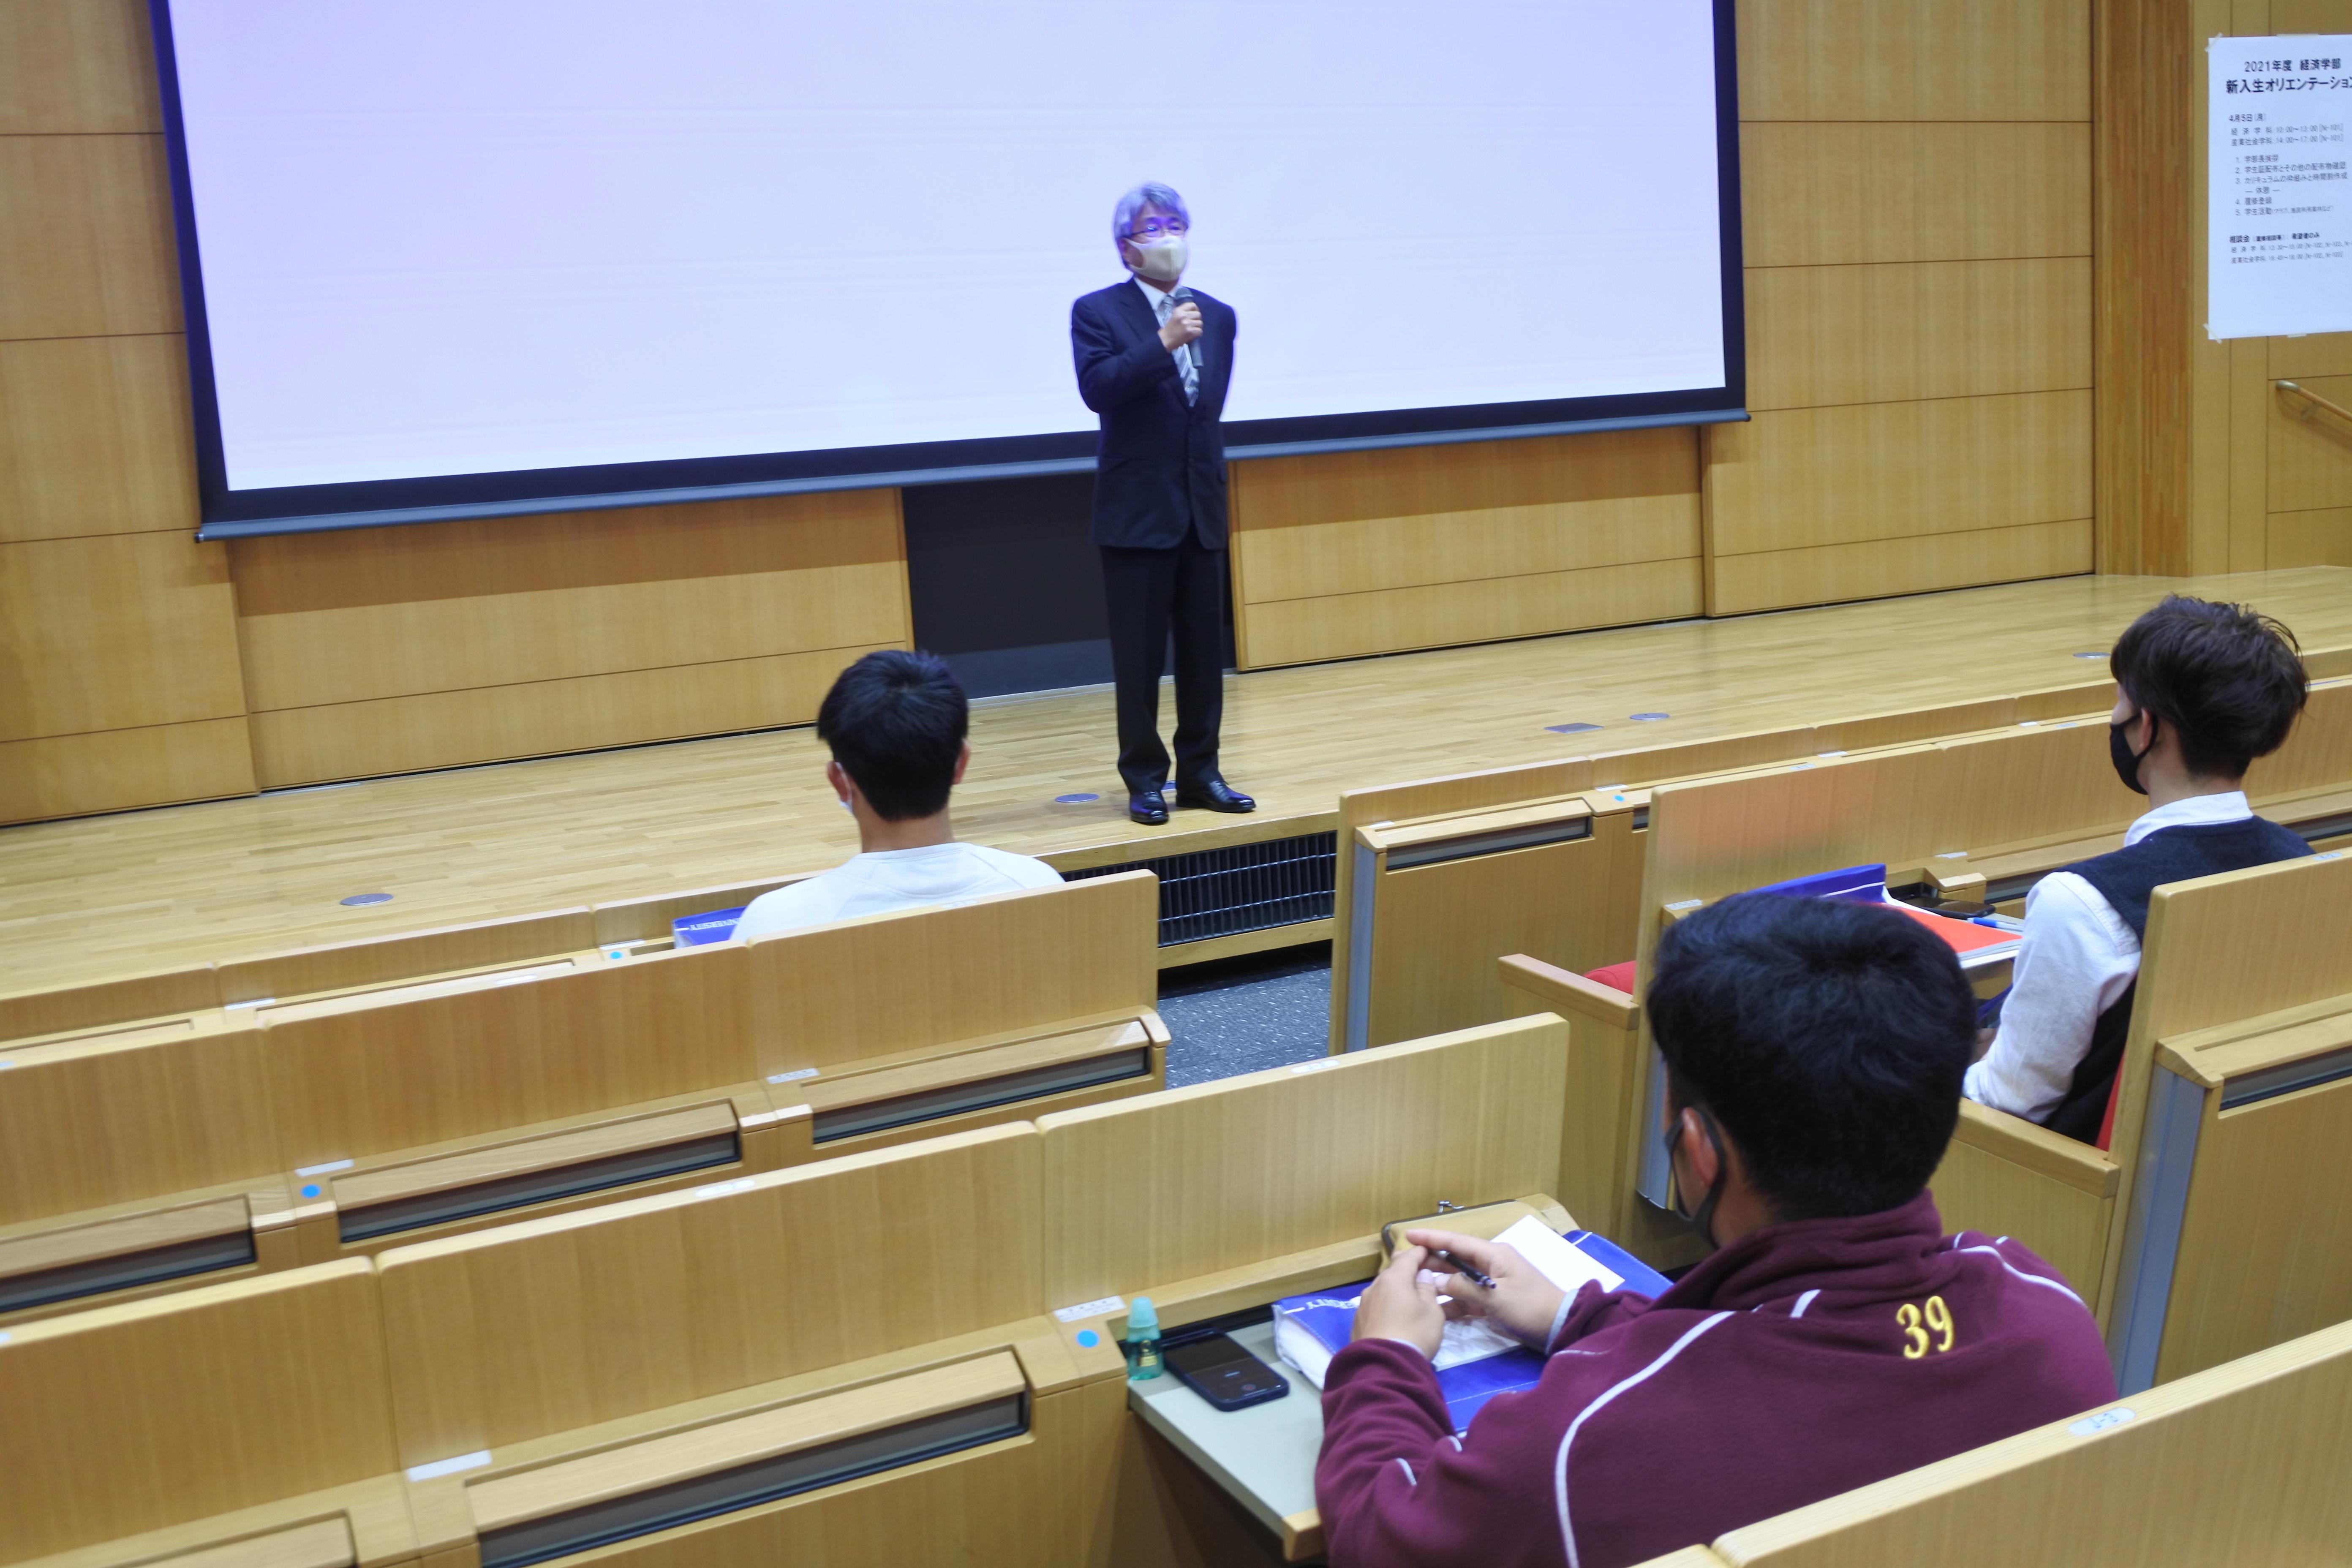 「コロナ禍でも大学4年間をキラキラと光る時代にして」と呼びかける渋井康弘経済学部長